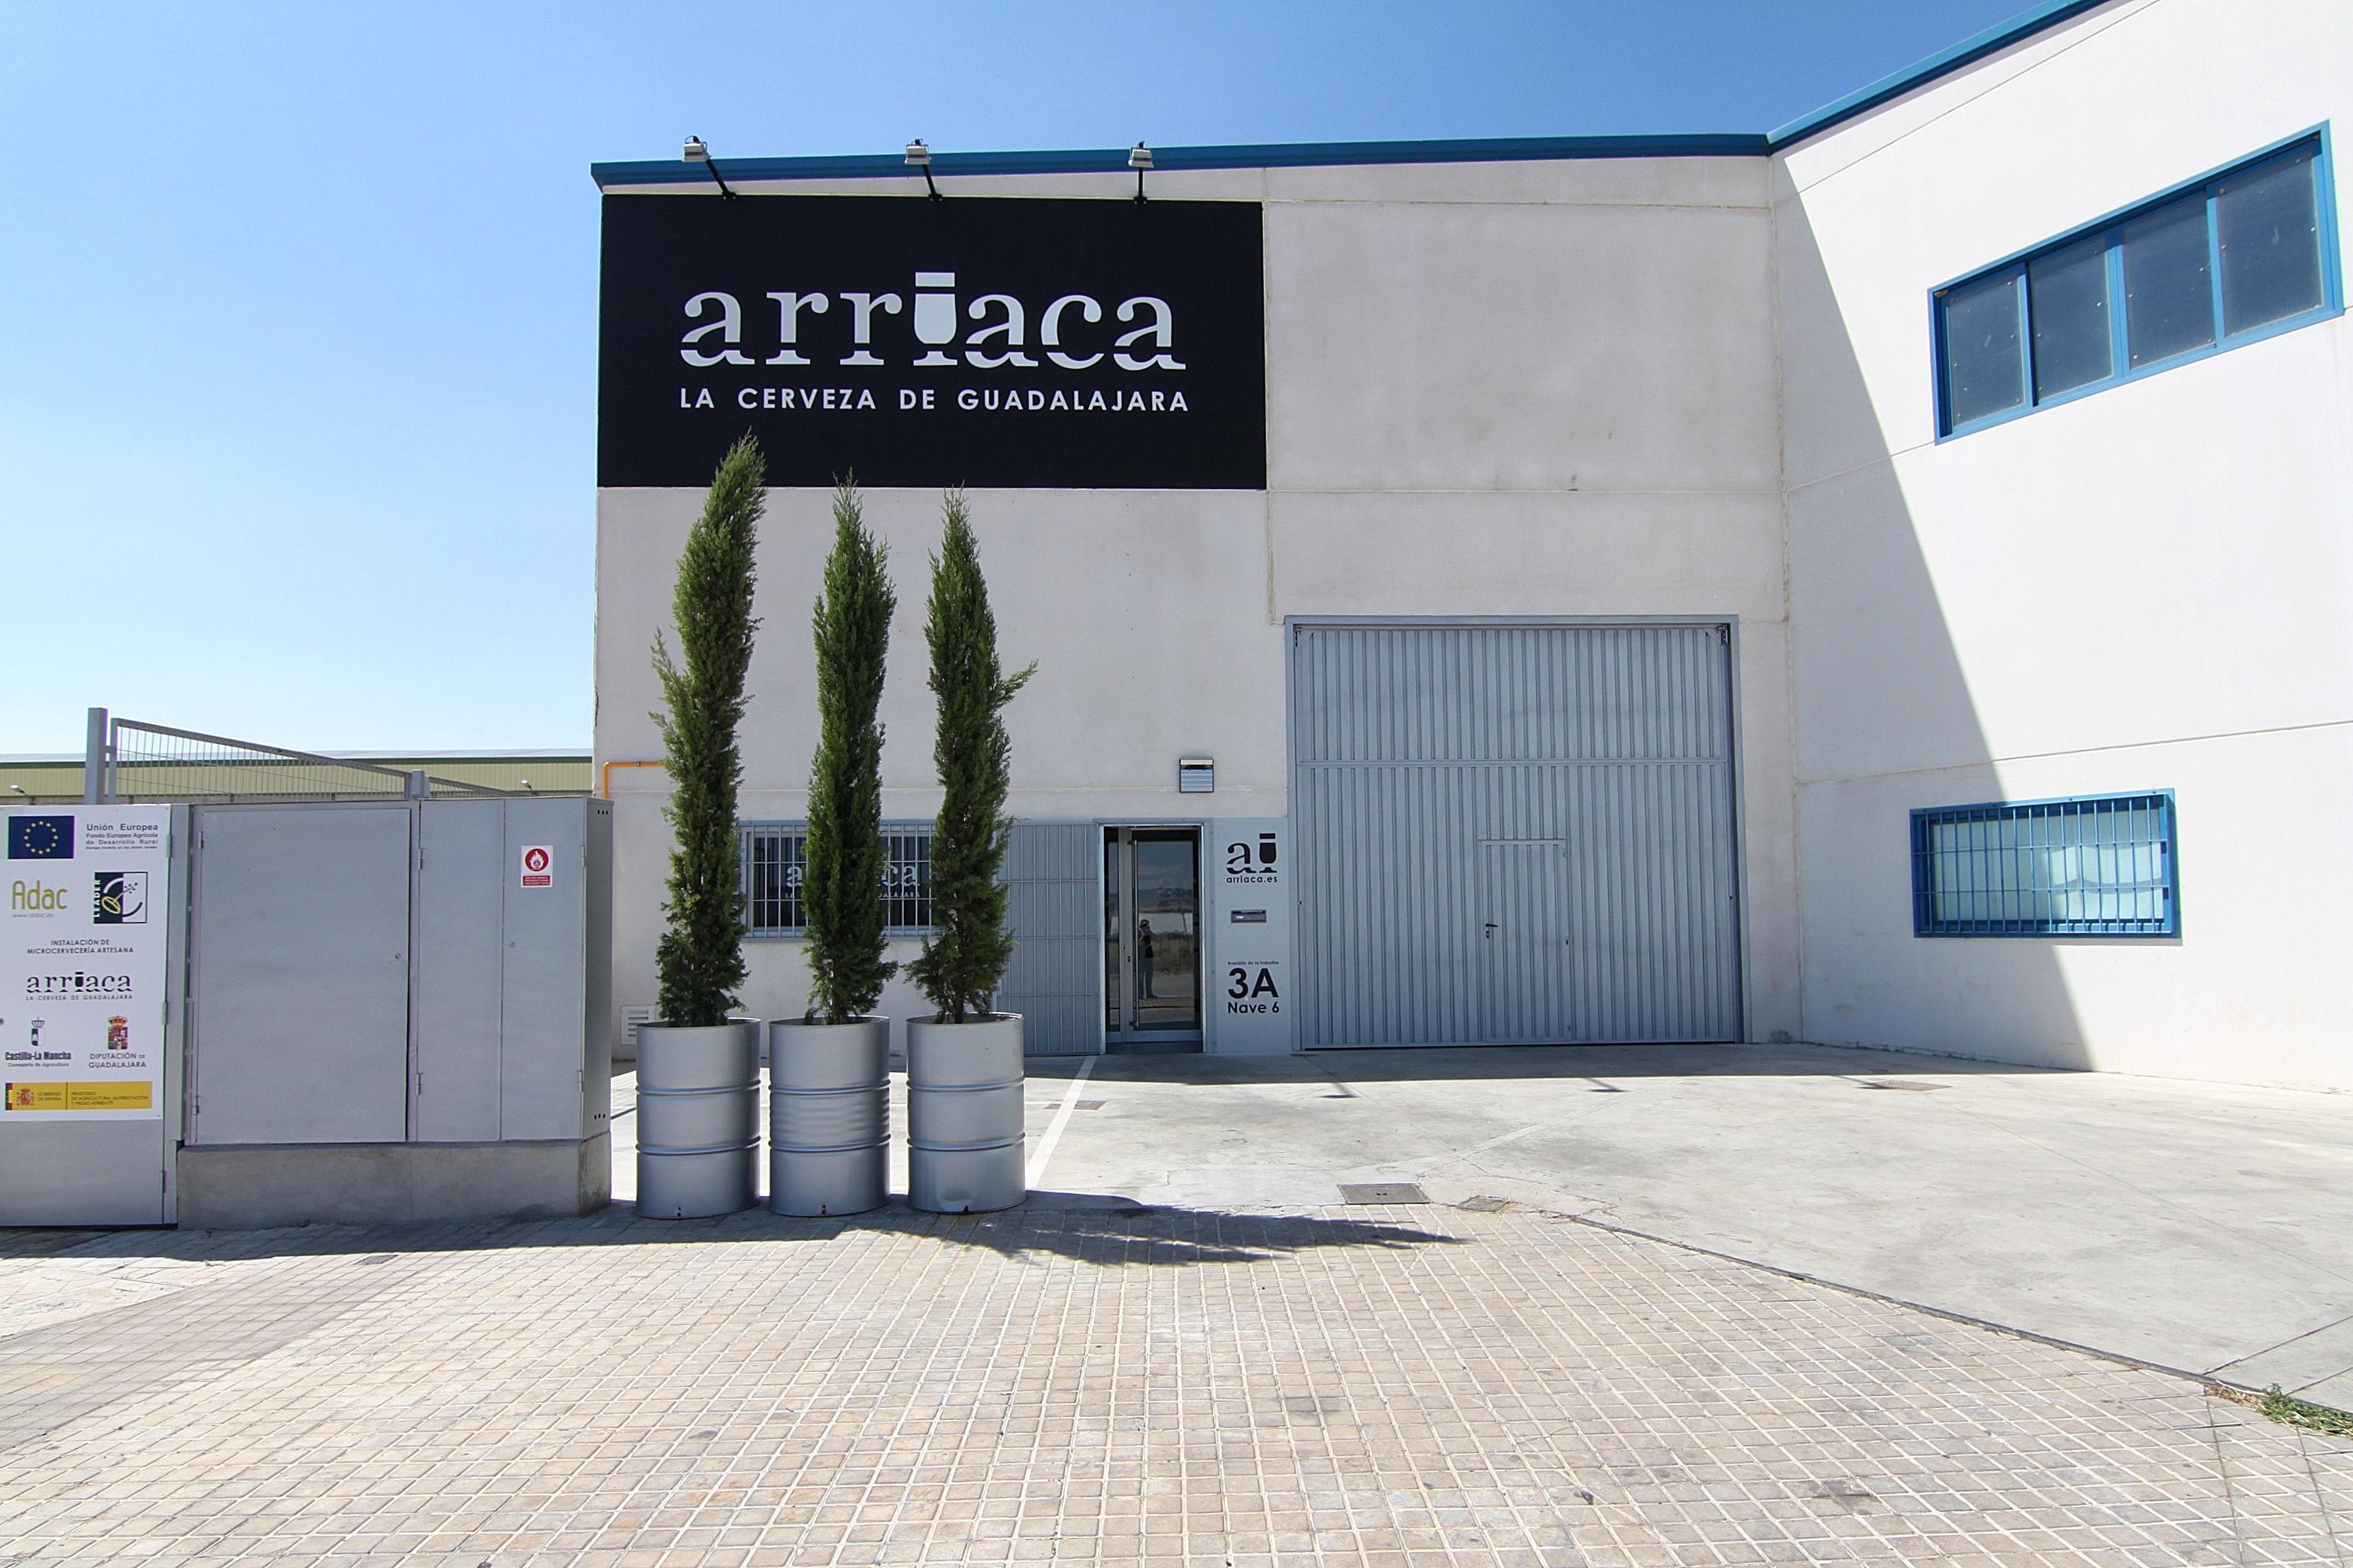 arriaca_fabrica_exterior